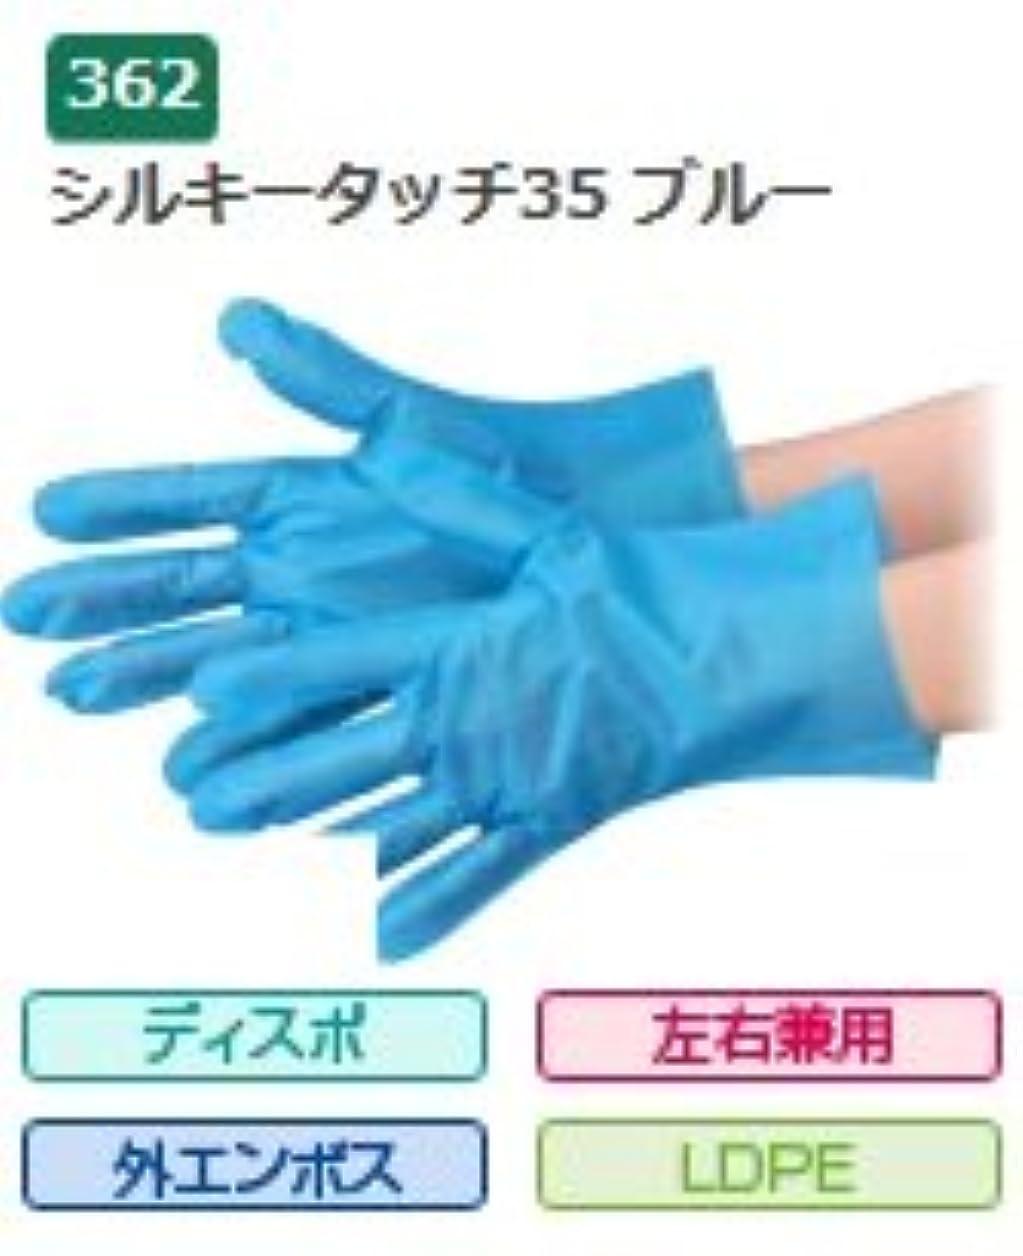 捧げるガイドライン上に築きますエブノ ポリエチレン手袋 No.362 S 青 (100枚×50袋) シルキータッチ35 ブルー 袋入